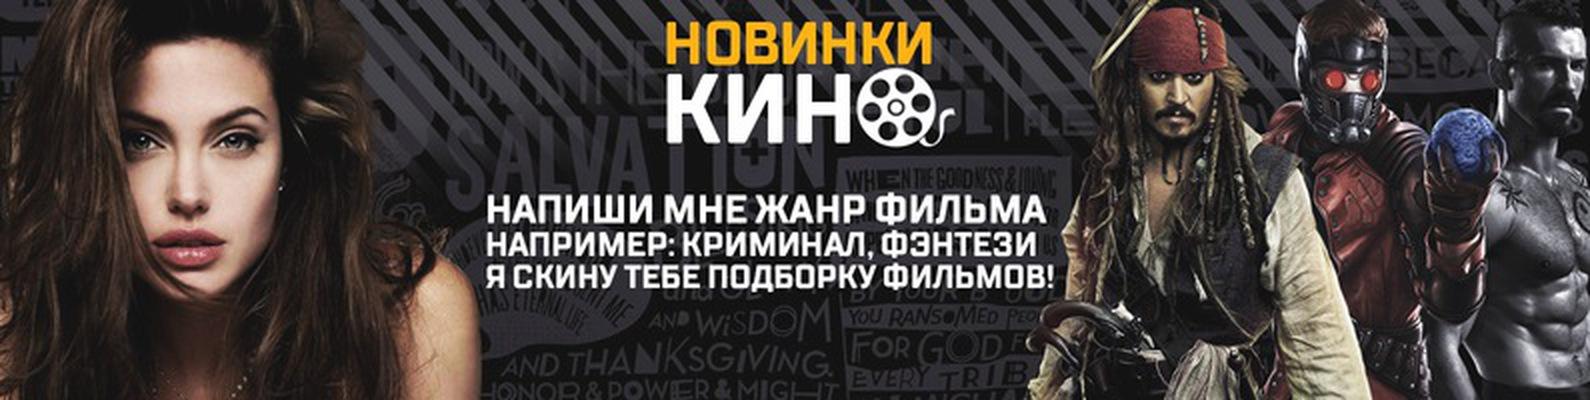 Сериалы и Фильмы | Ведьмак | Звездные войны | ВКонтакте